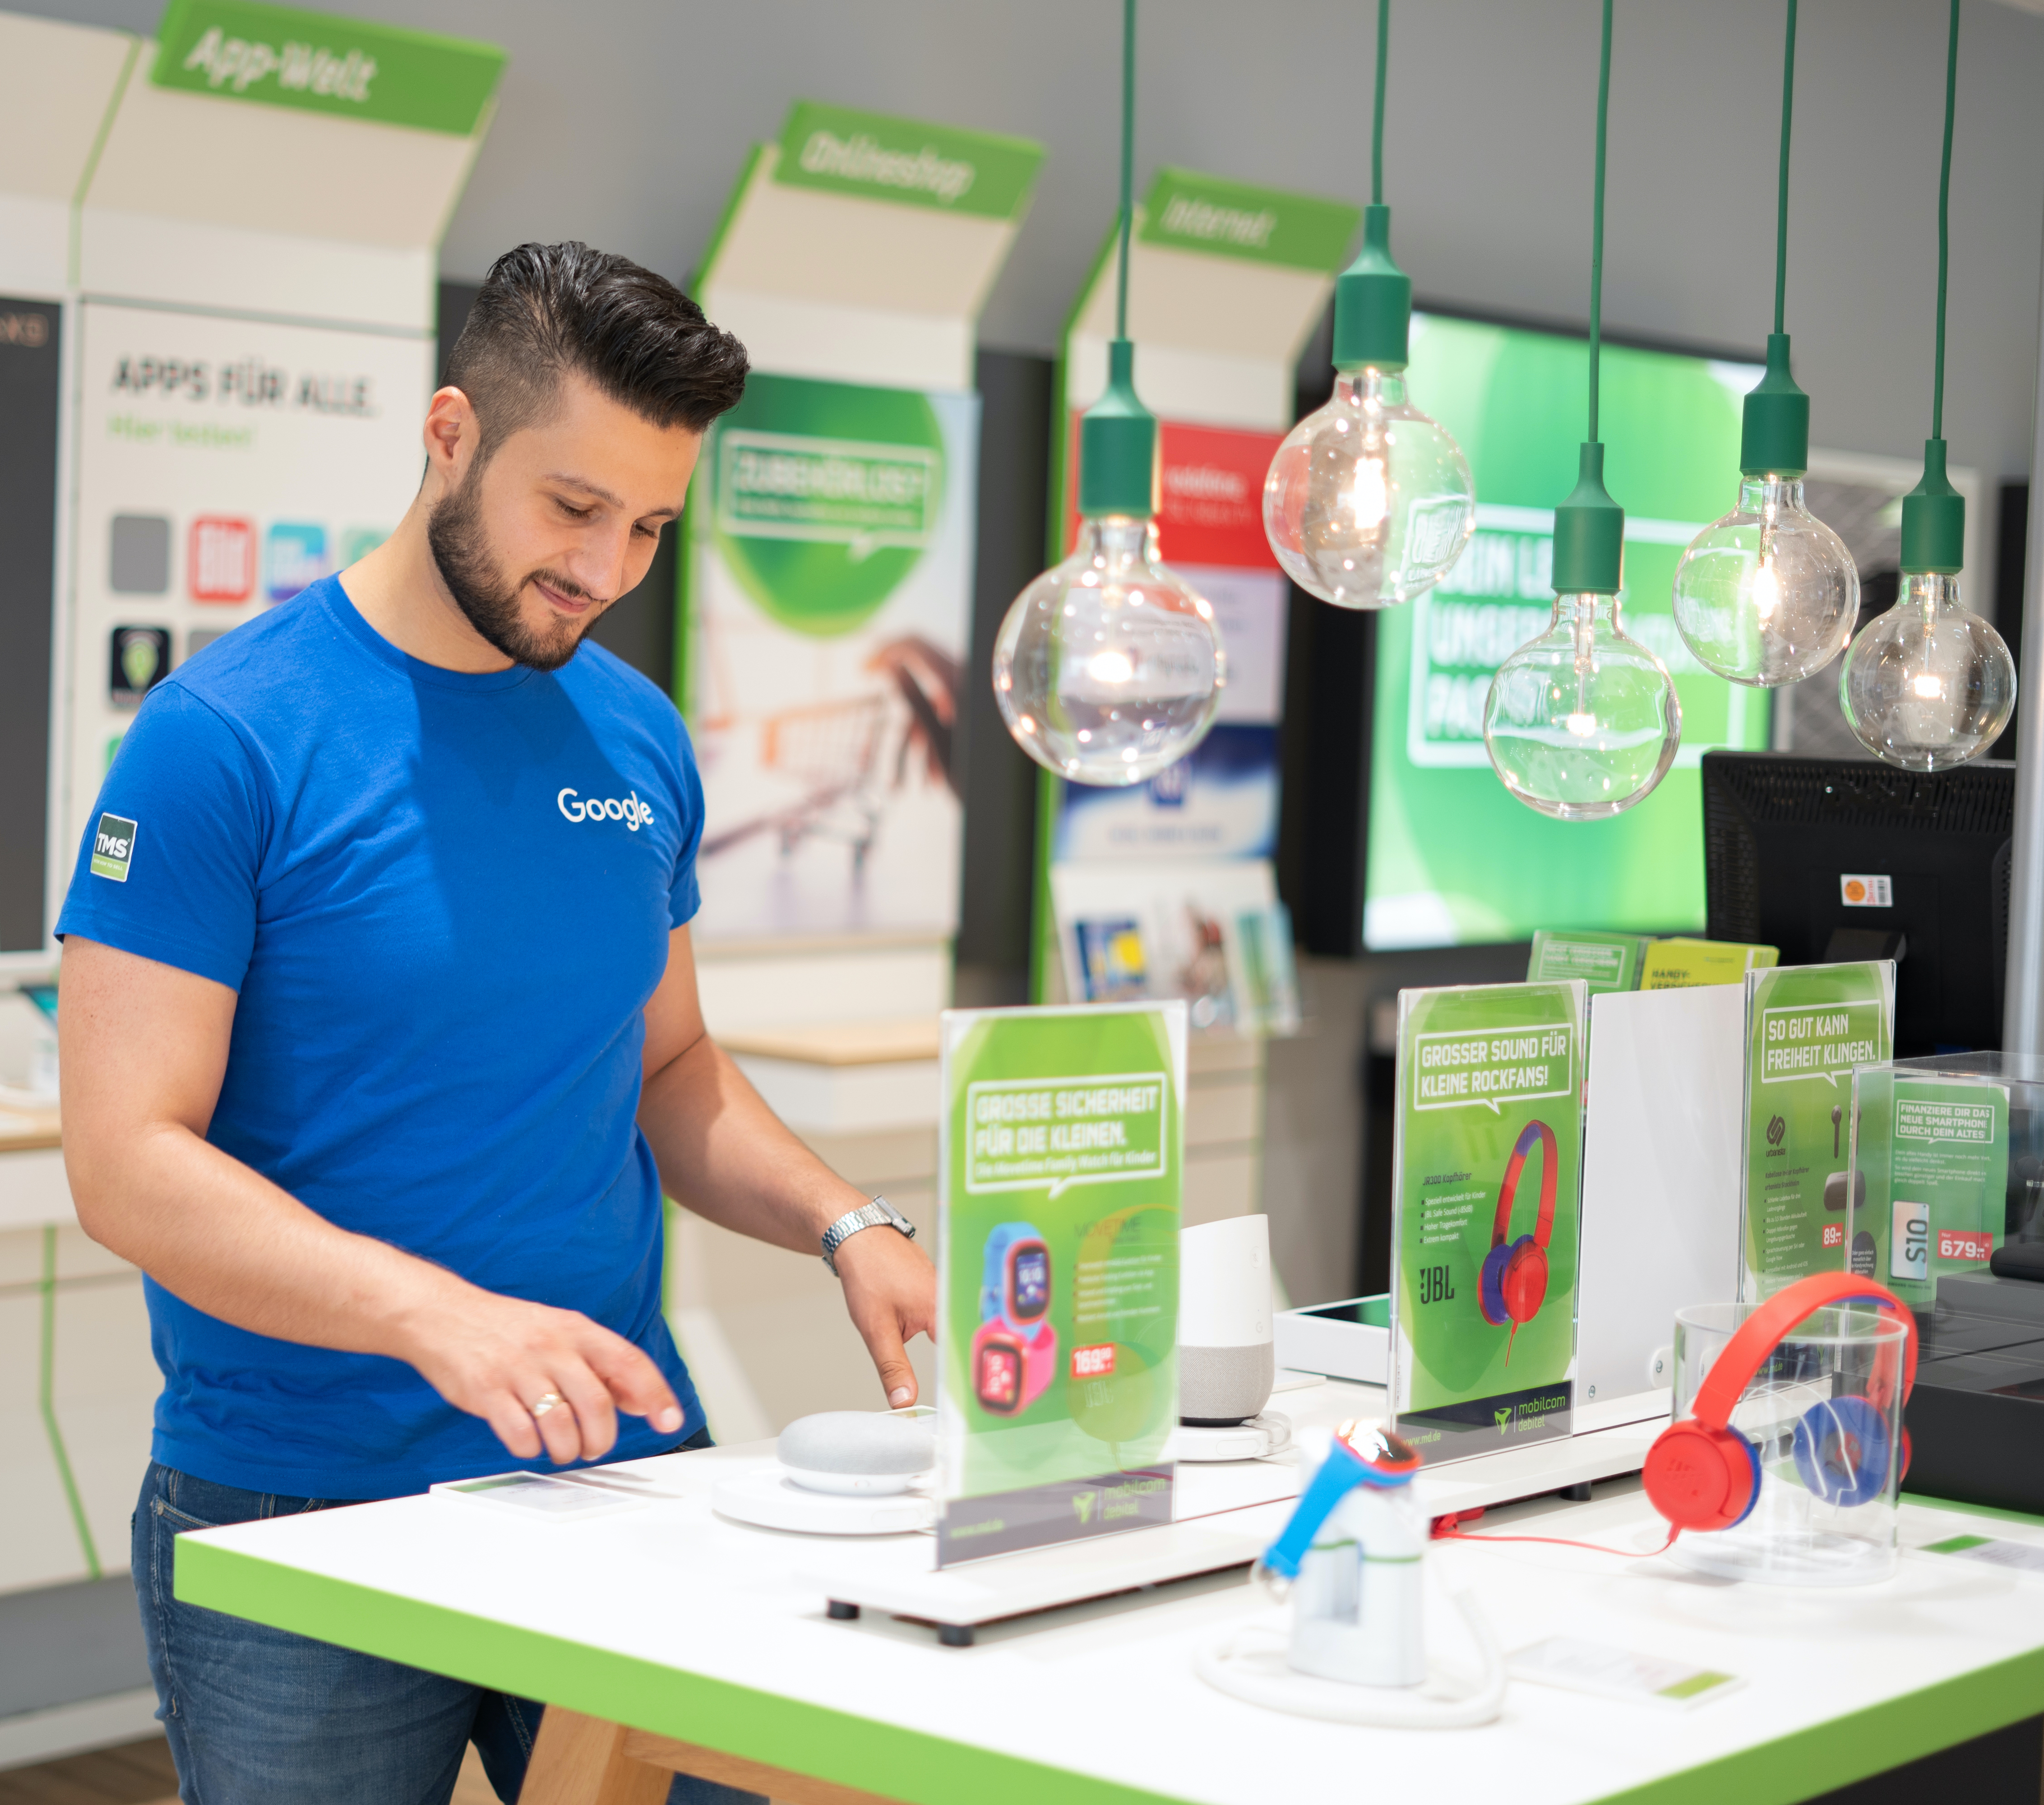 TMS Mitarbeiter beim Aufbau von Google Produkten im Store